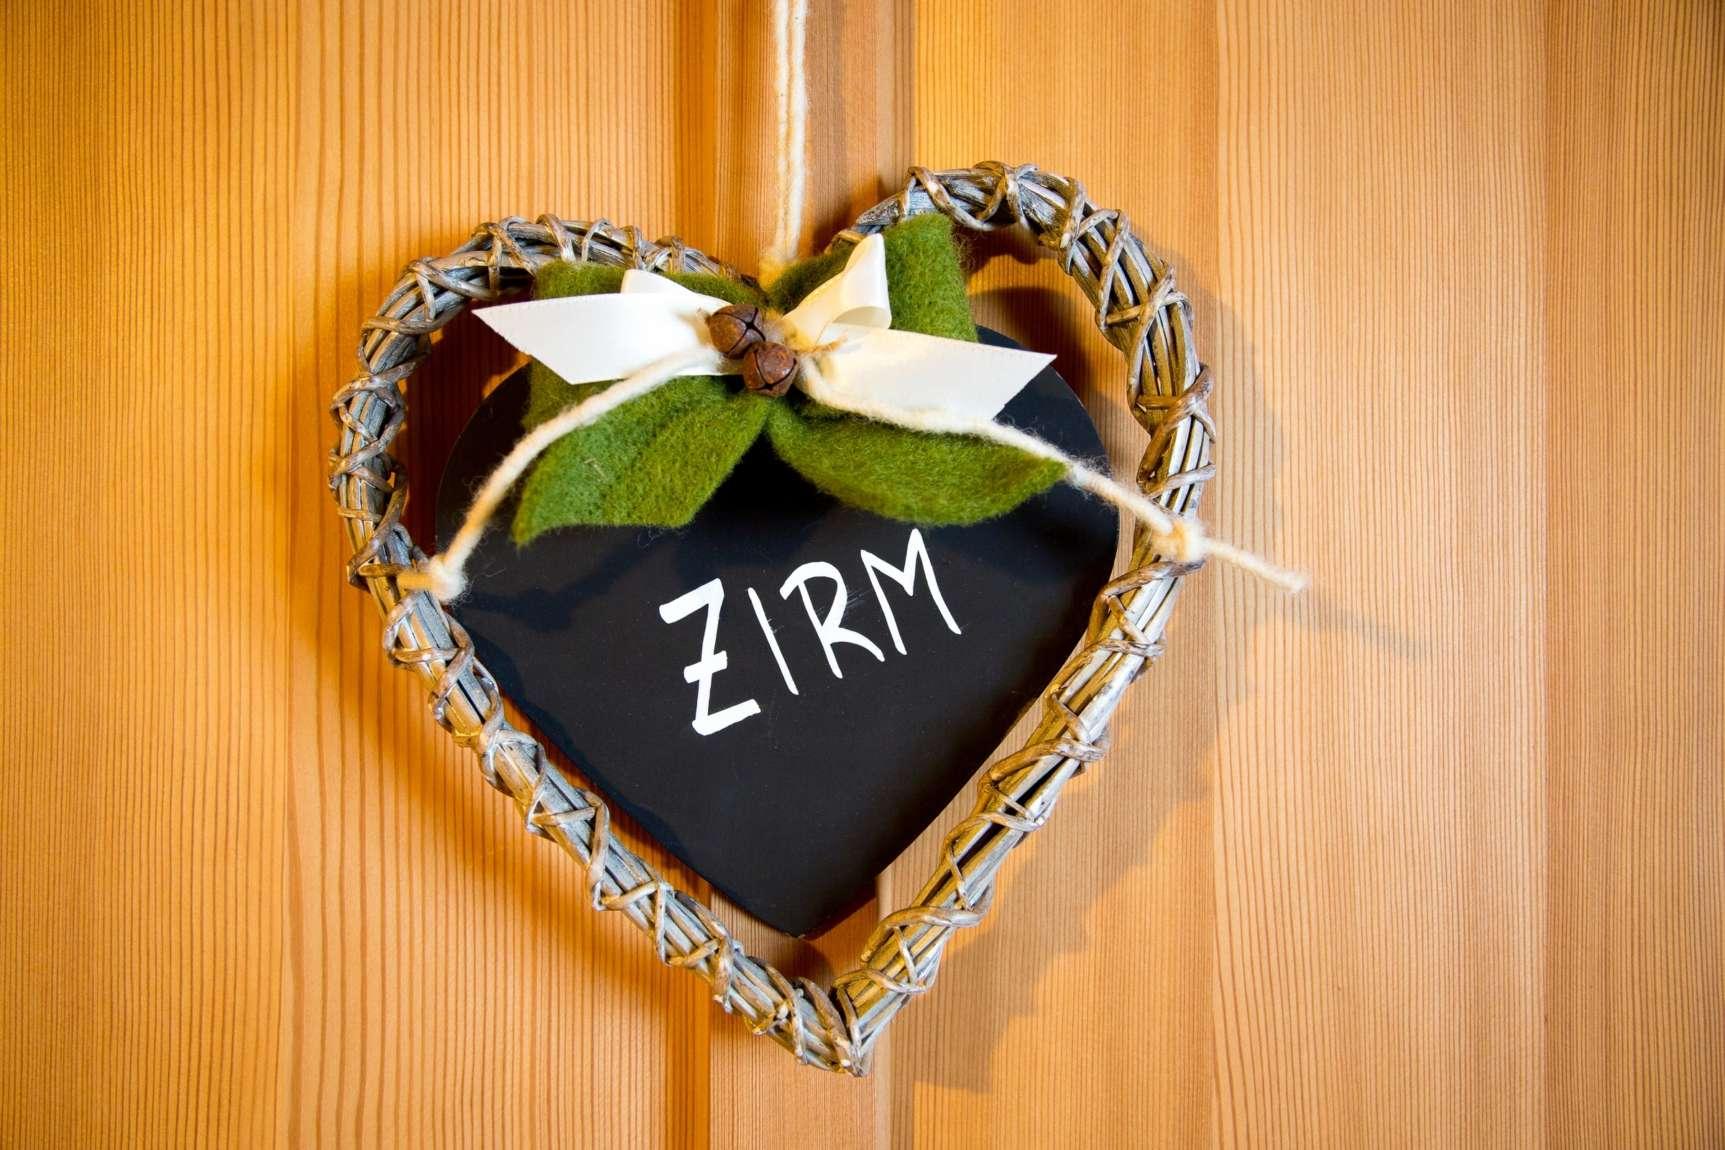 Zimmer Zirm 5